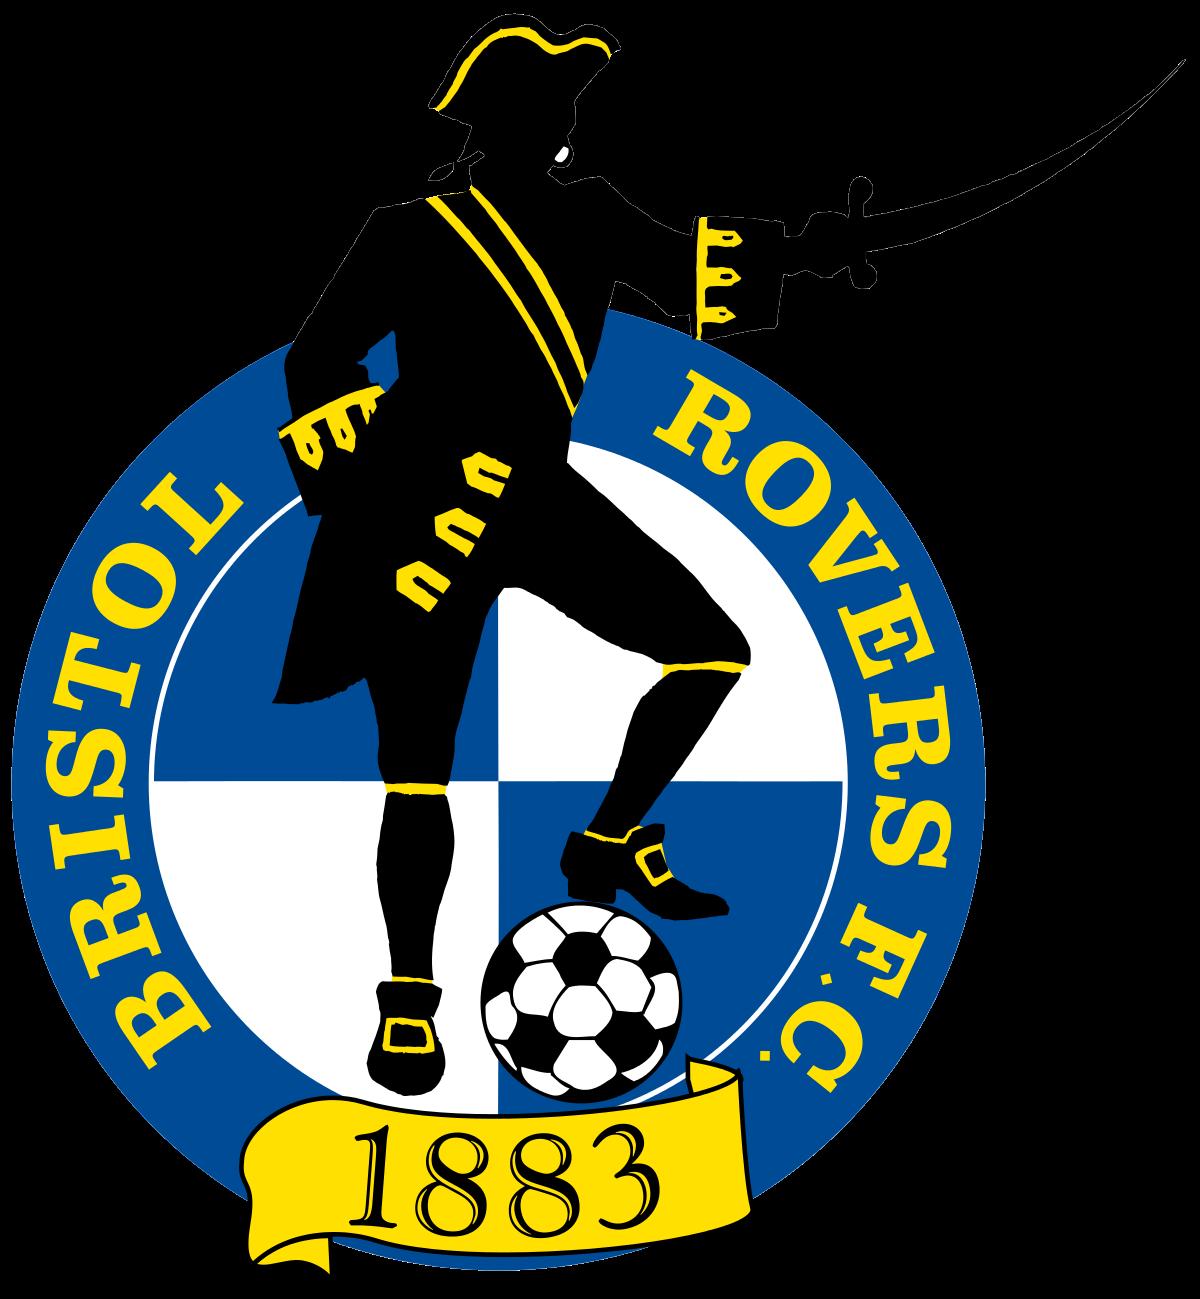 Bristol Rovers crest